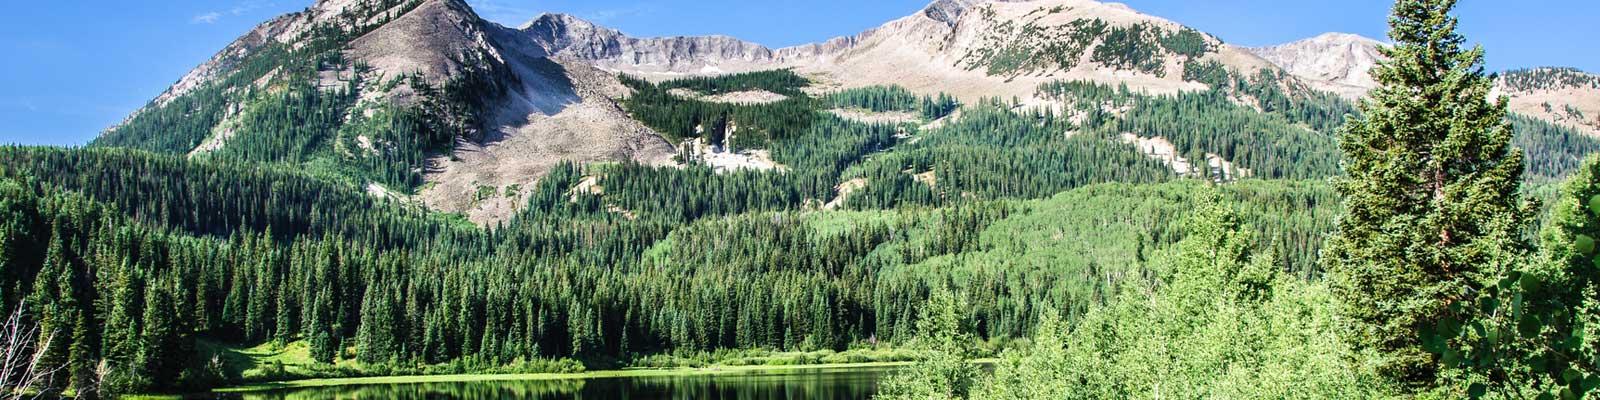 as-grandes-montanhas-dos-estados-unidos Imobiliaria de casas, apartamentos, terrenos.